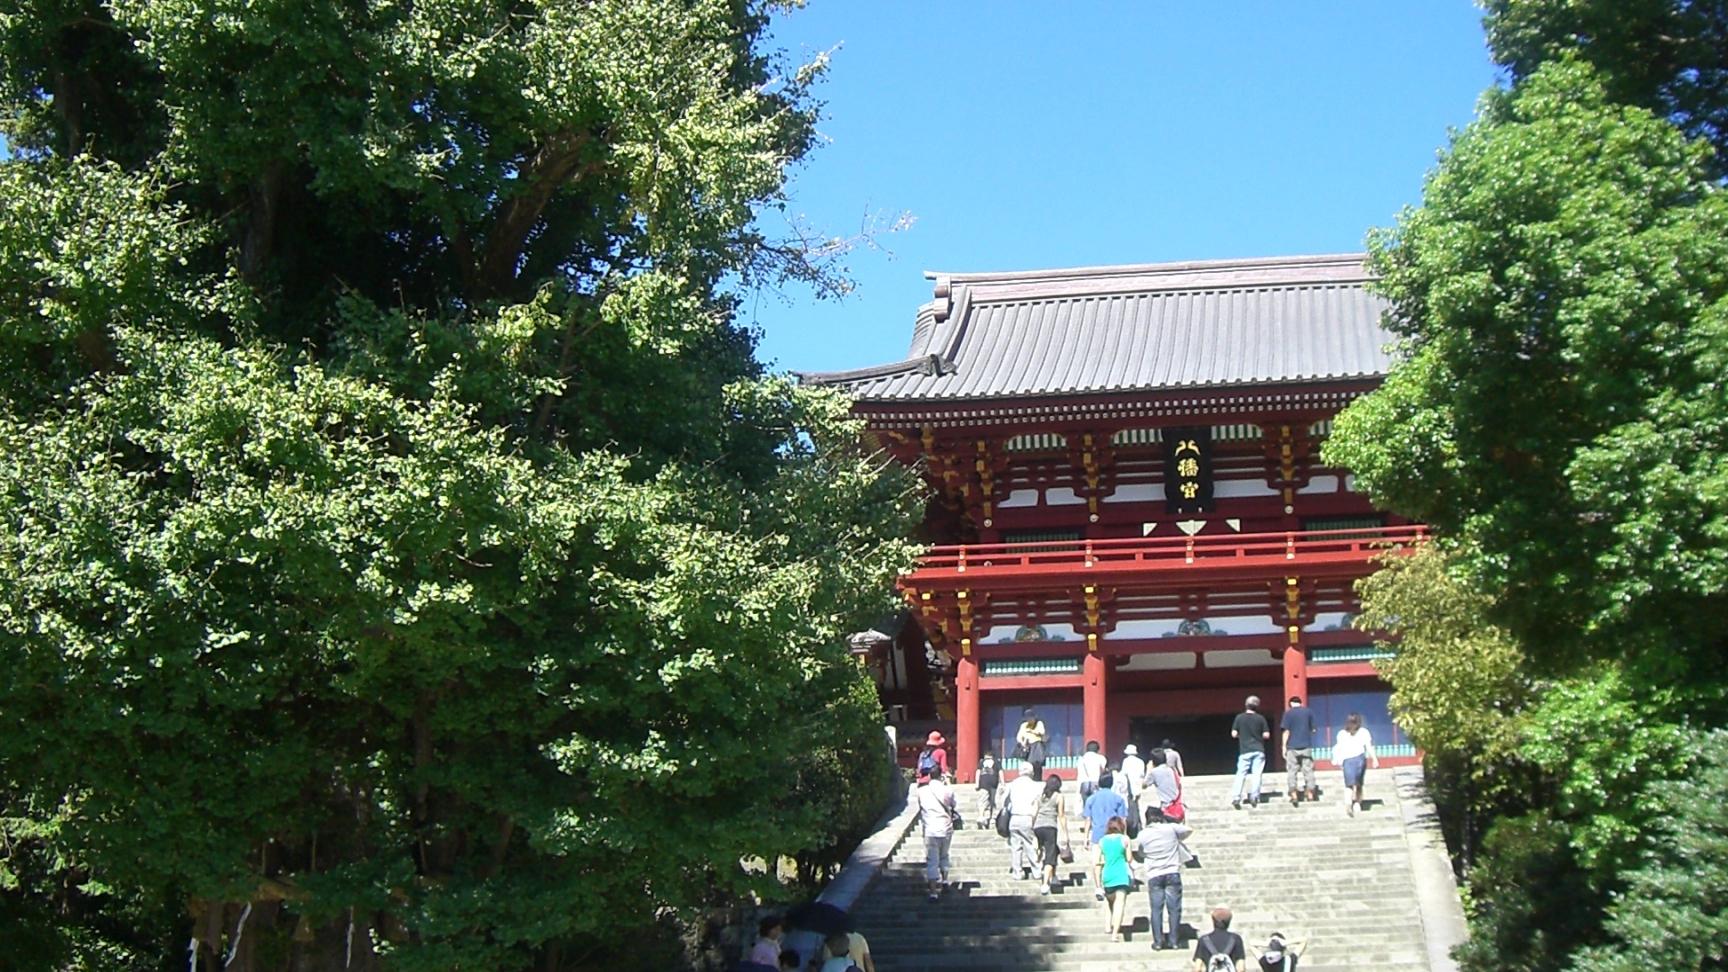 【鎌倉にて】建築家レーモンド夫妻の足跡の企画展に感銘を受けました!